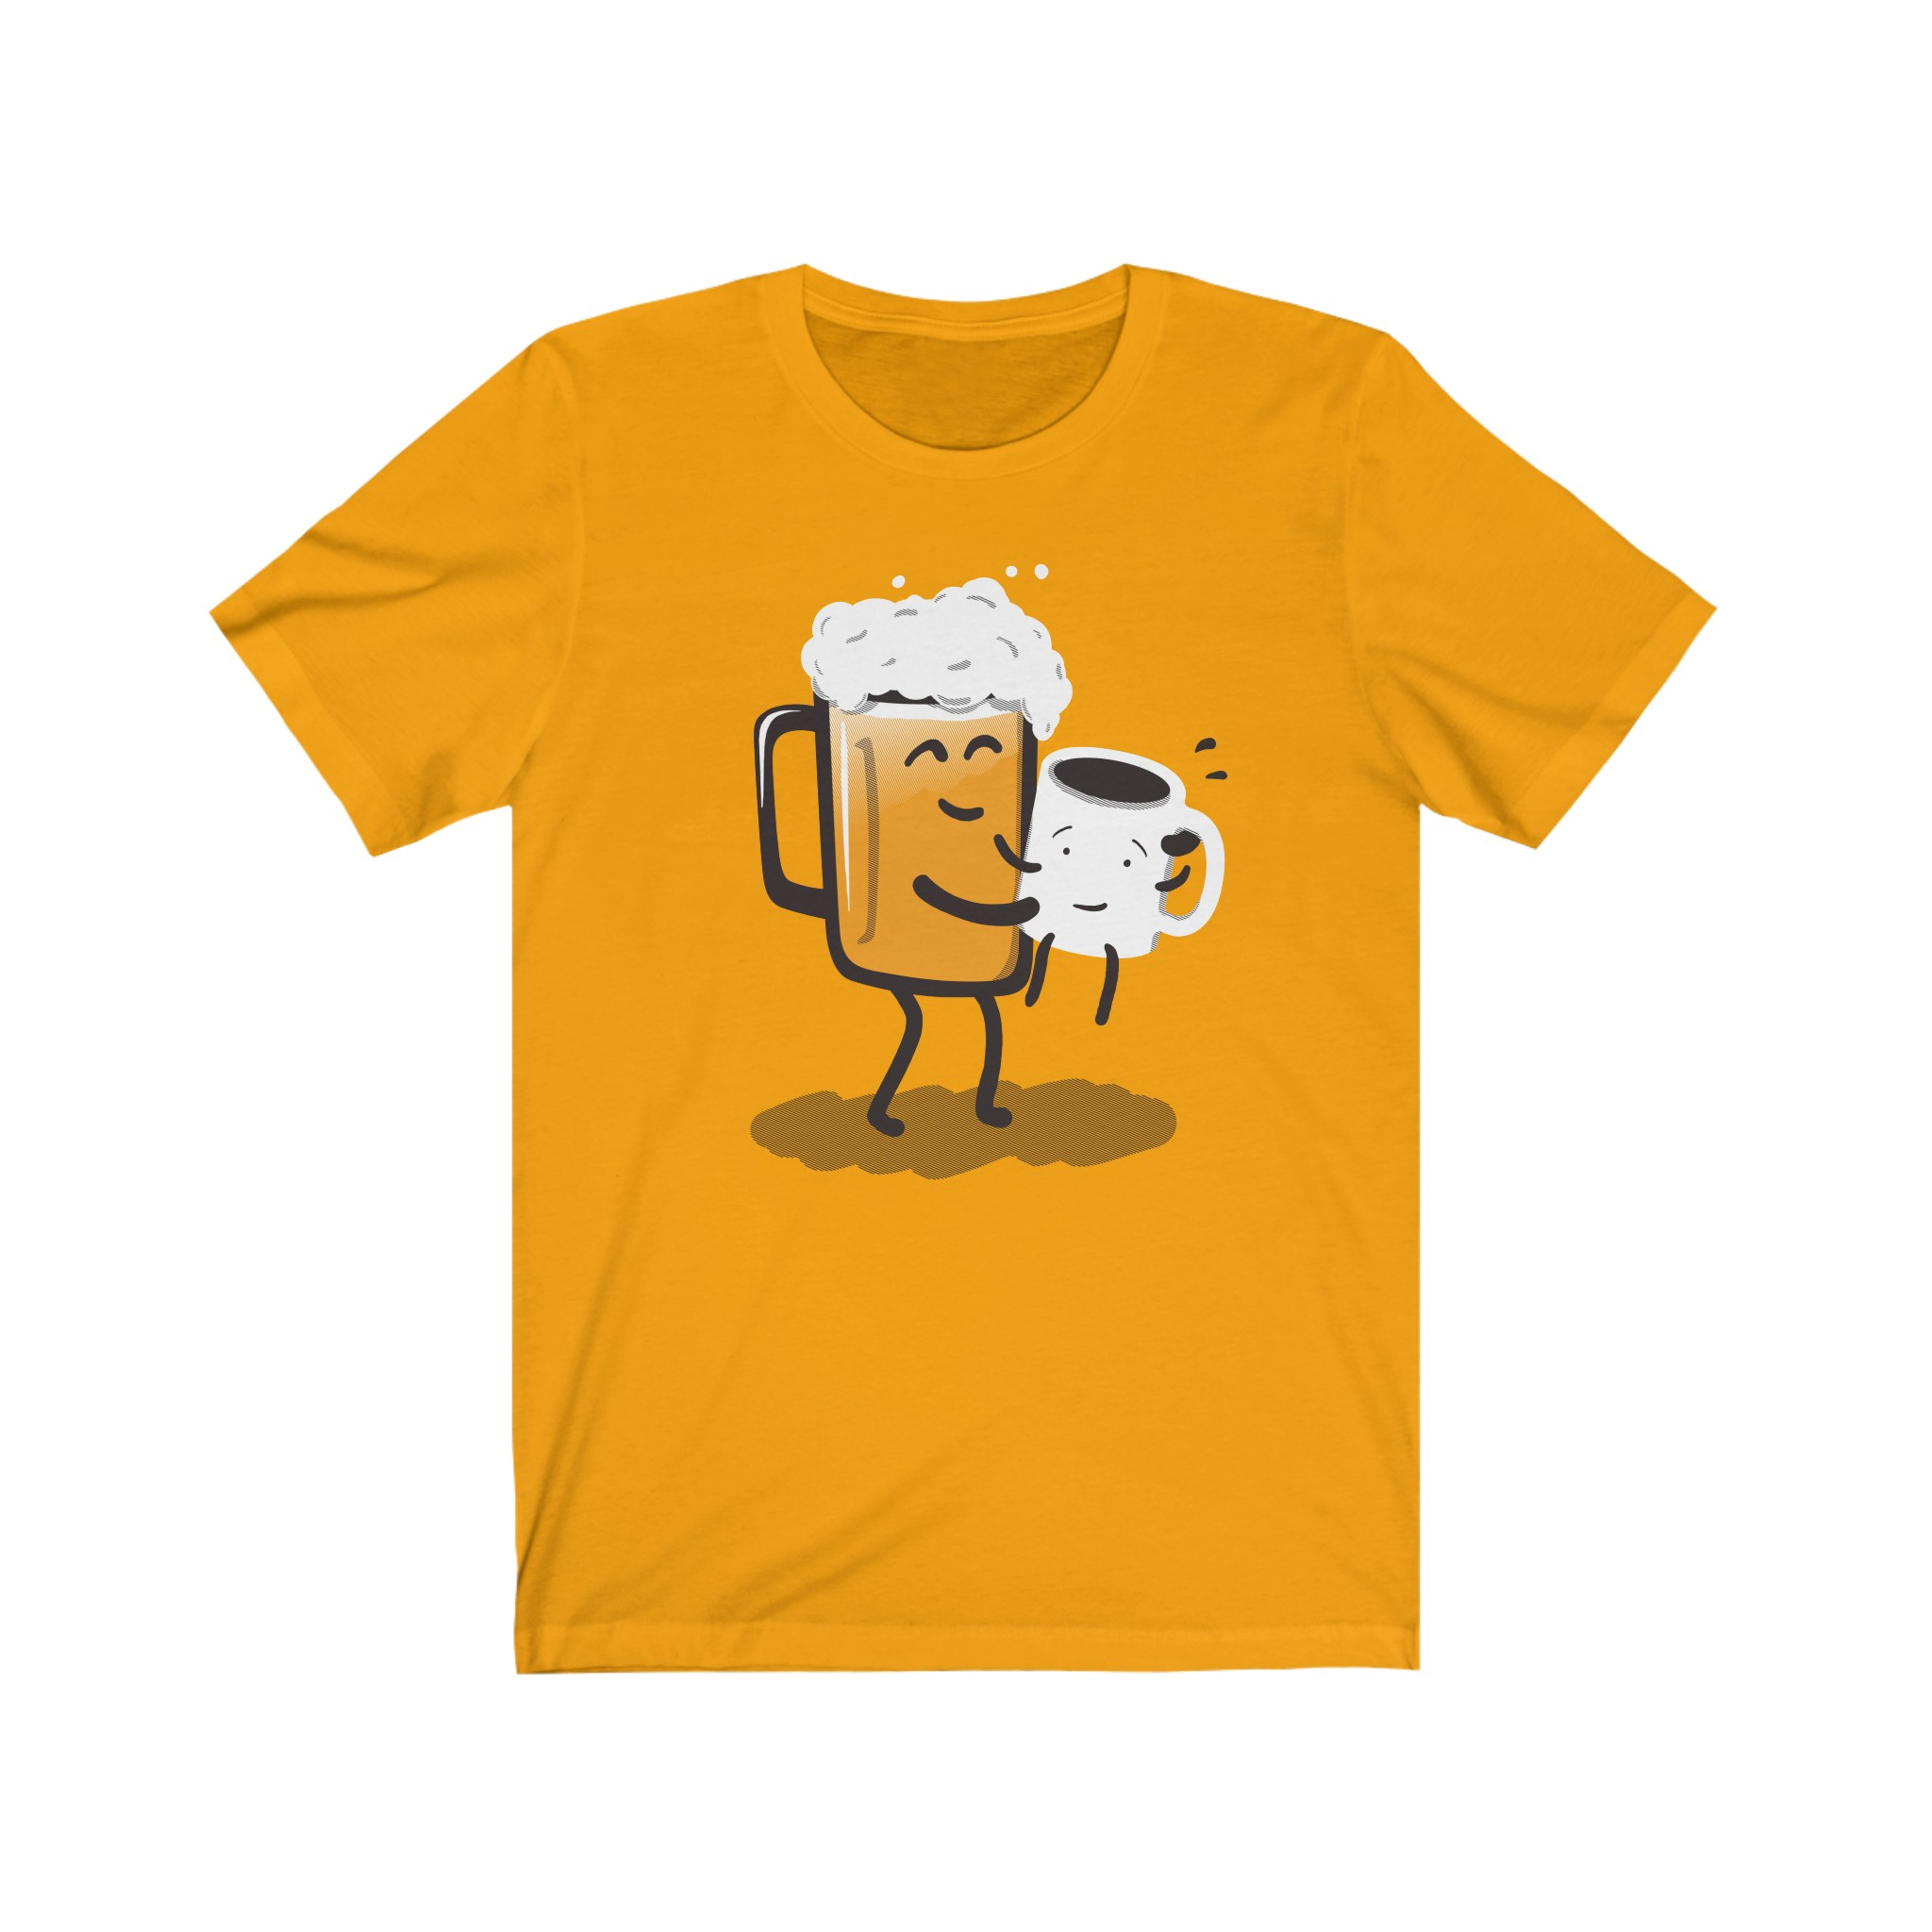 Coffee + Beer